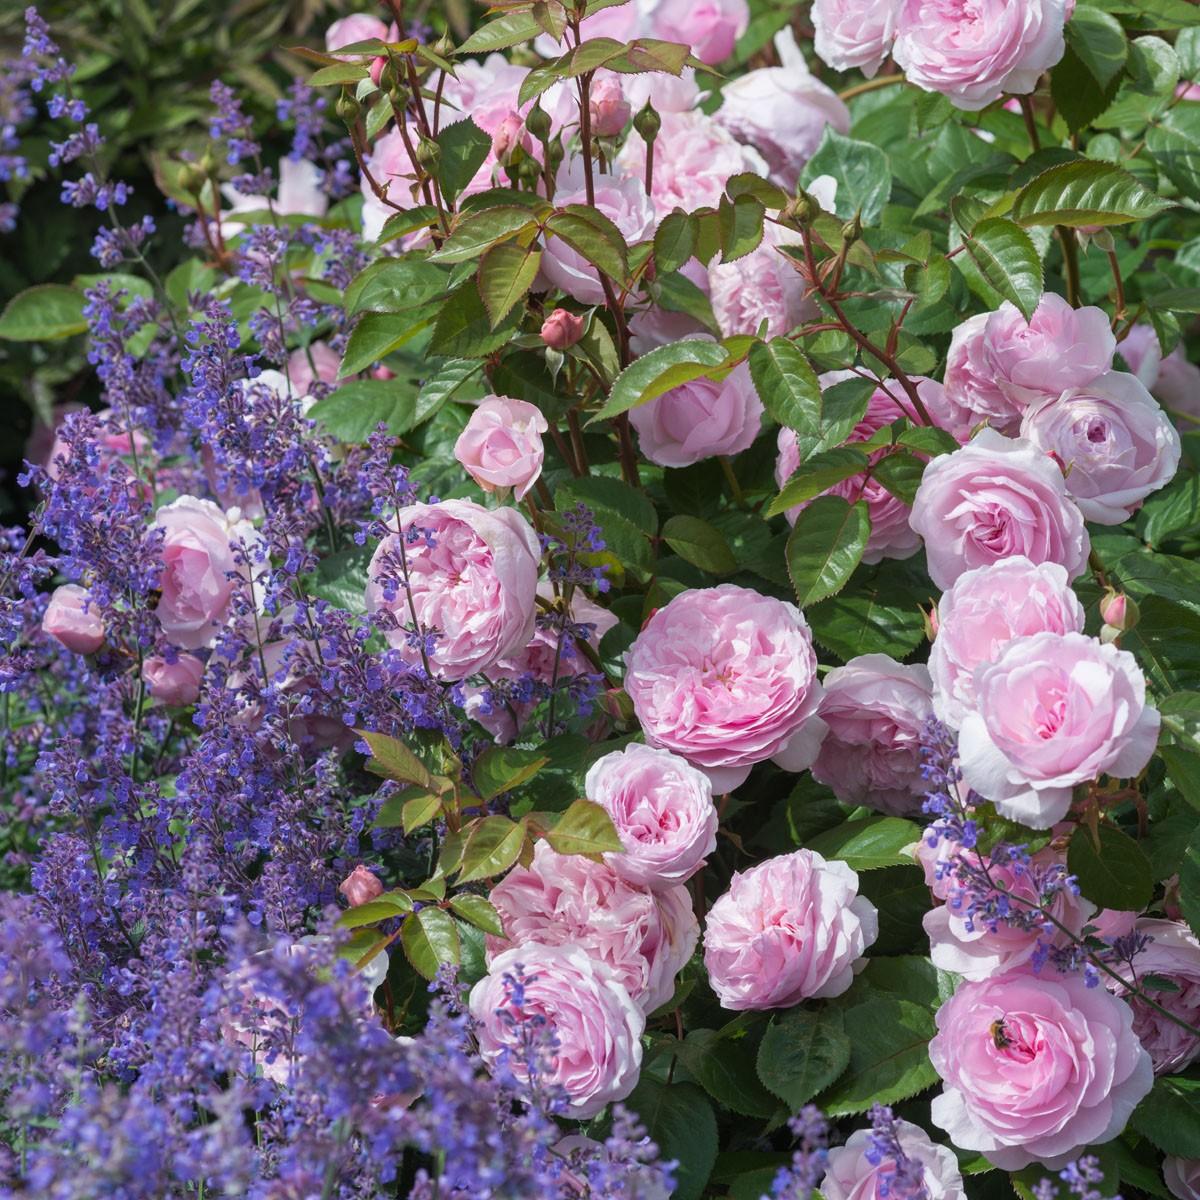 RHS Chelsea Flower Show 2016: Pioenrozen, varens en rozen dit jaar favoriet